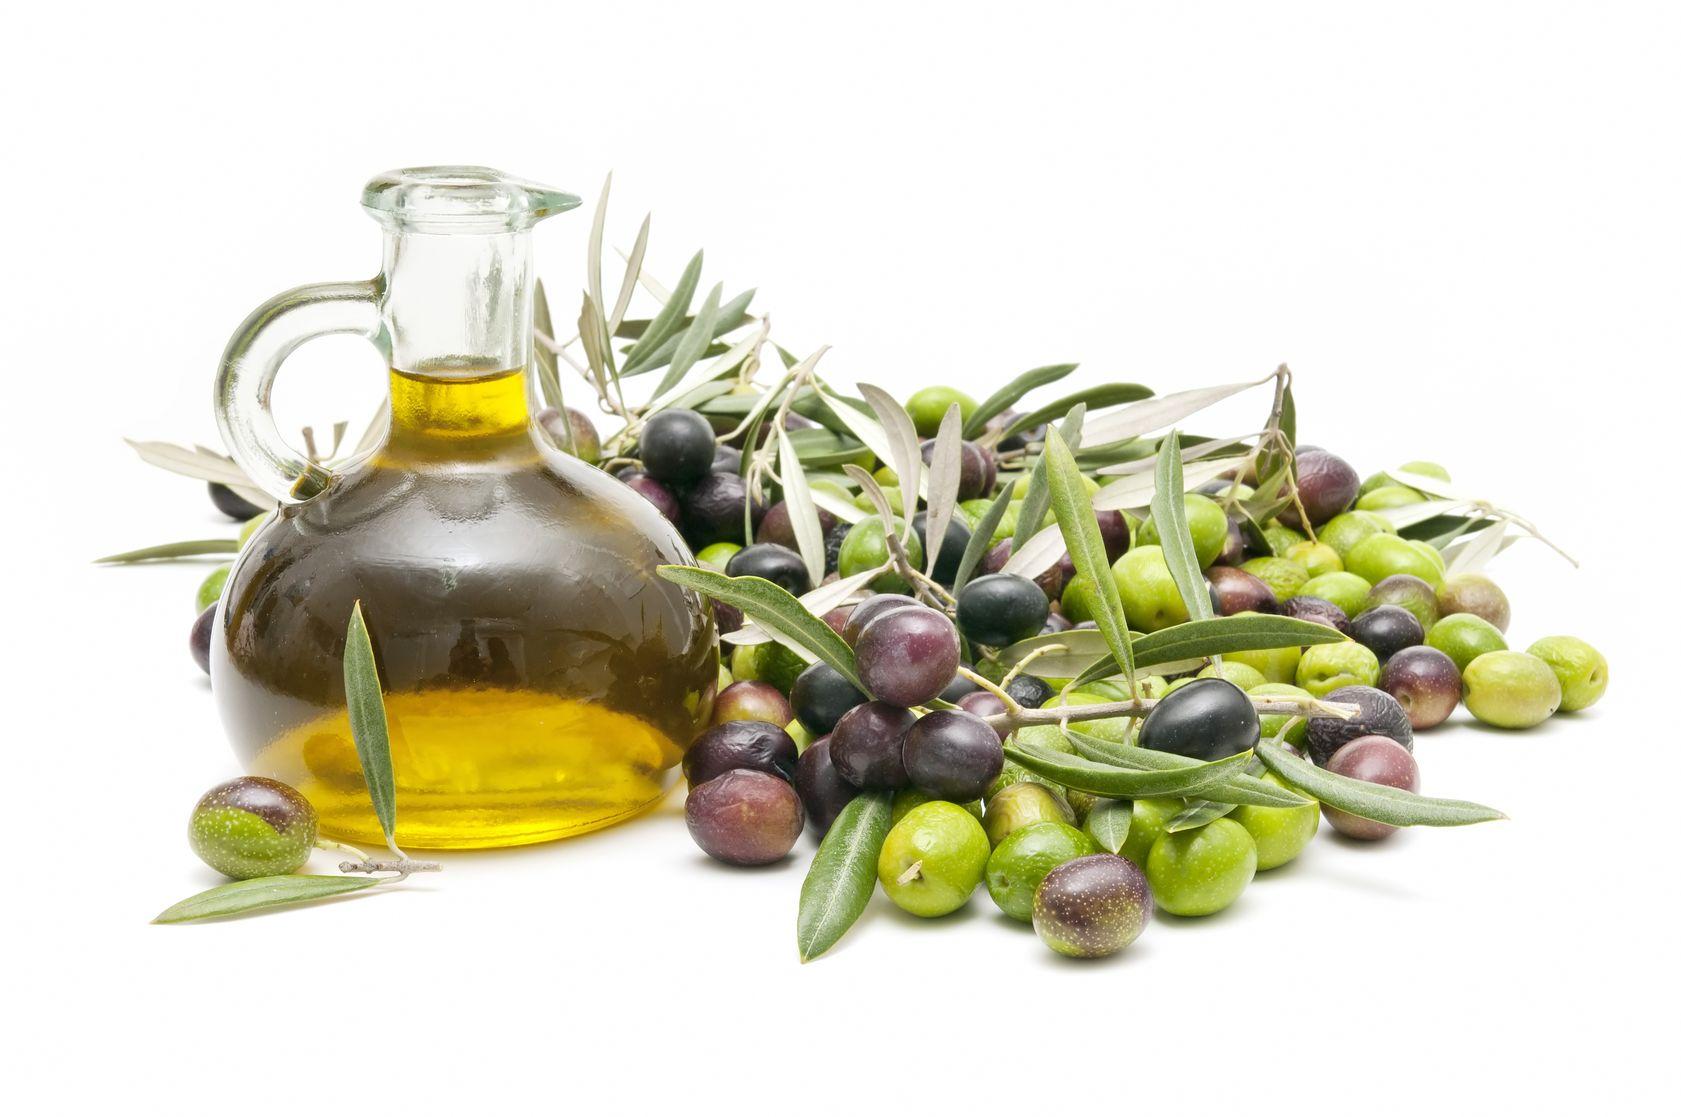 olivovy olej vomz1